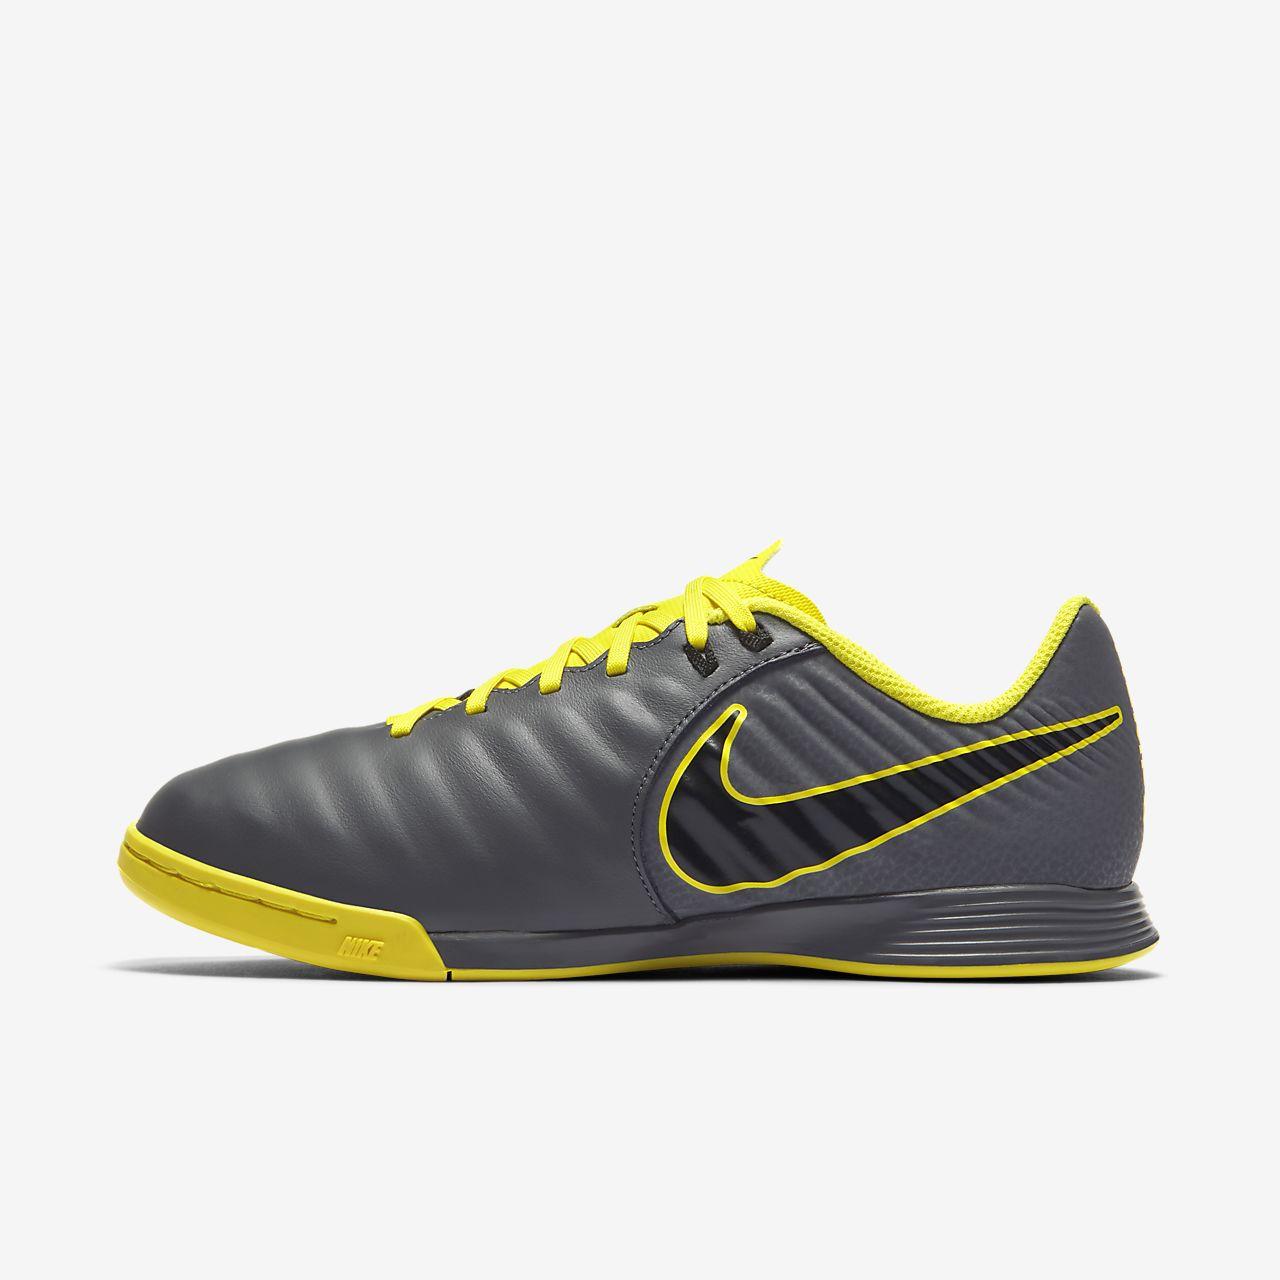 9d0be1c23bb04 ... Nike Jr. Tiempo LegendX VII Academy IC Botas de fútbol sala - Niño a y